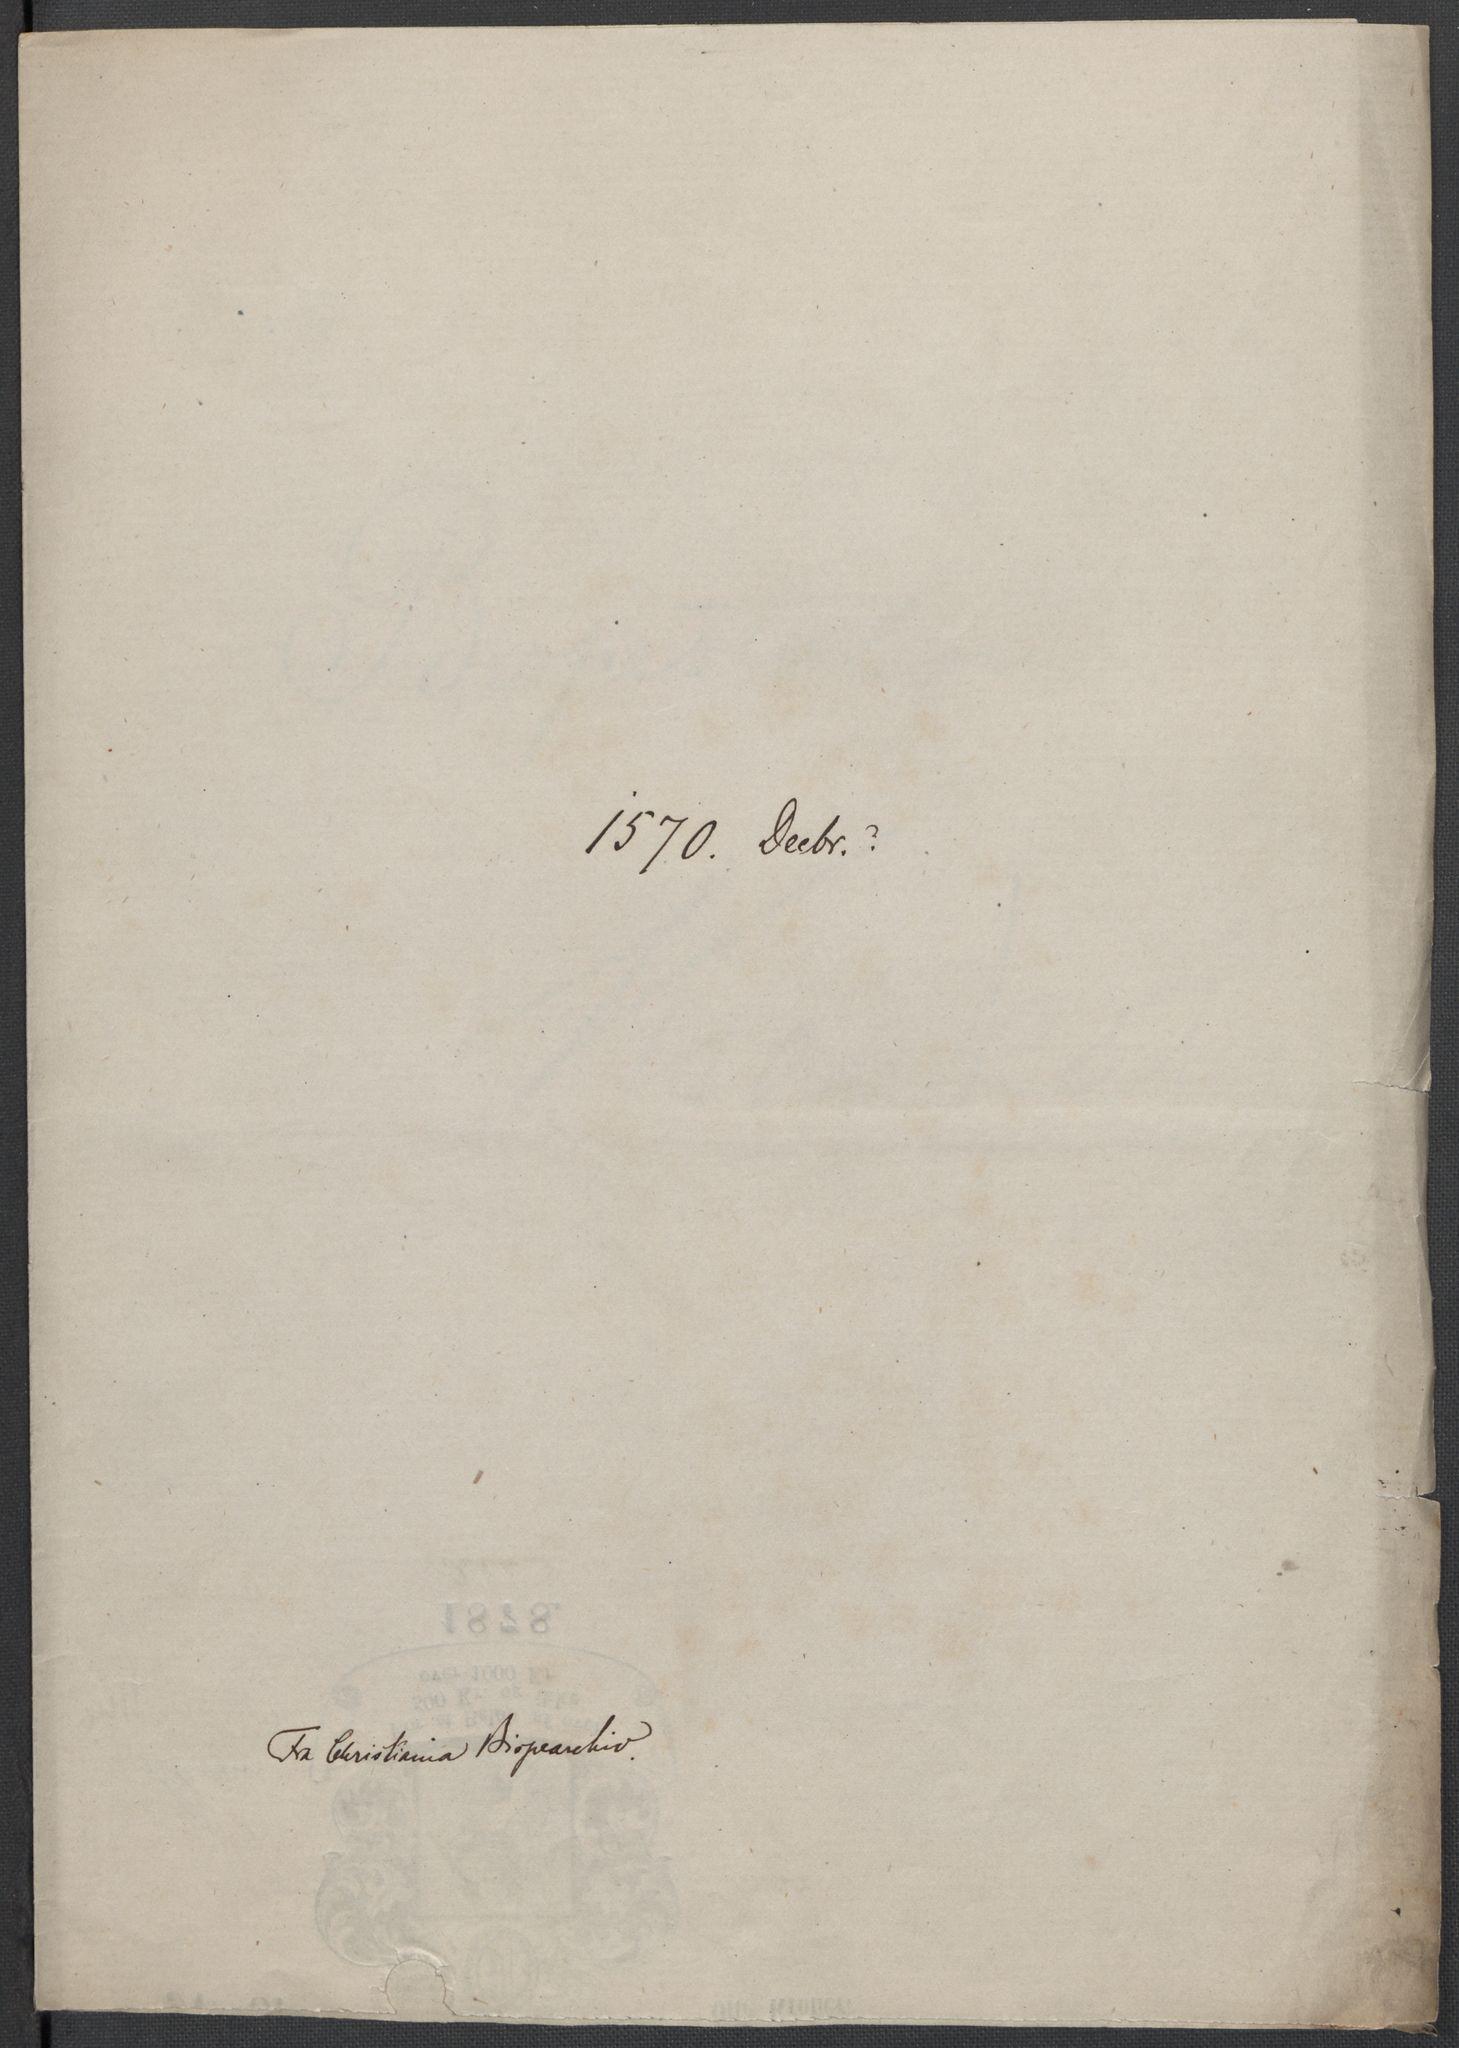 RA, Riksarkivets diplomsamling, F02/L0075: Dokumenter, 1570-1571, s. 43